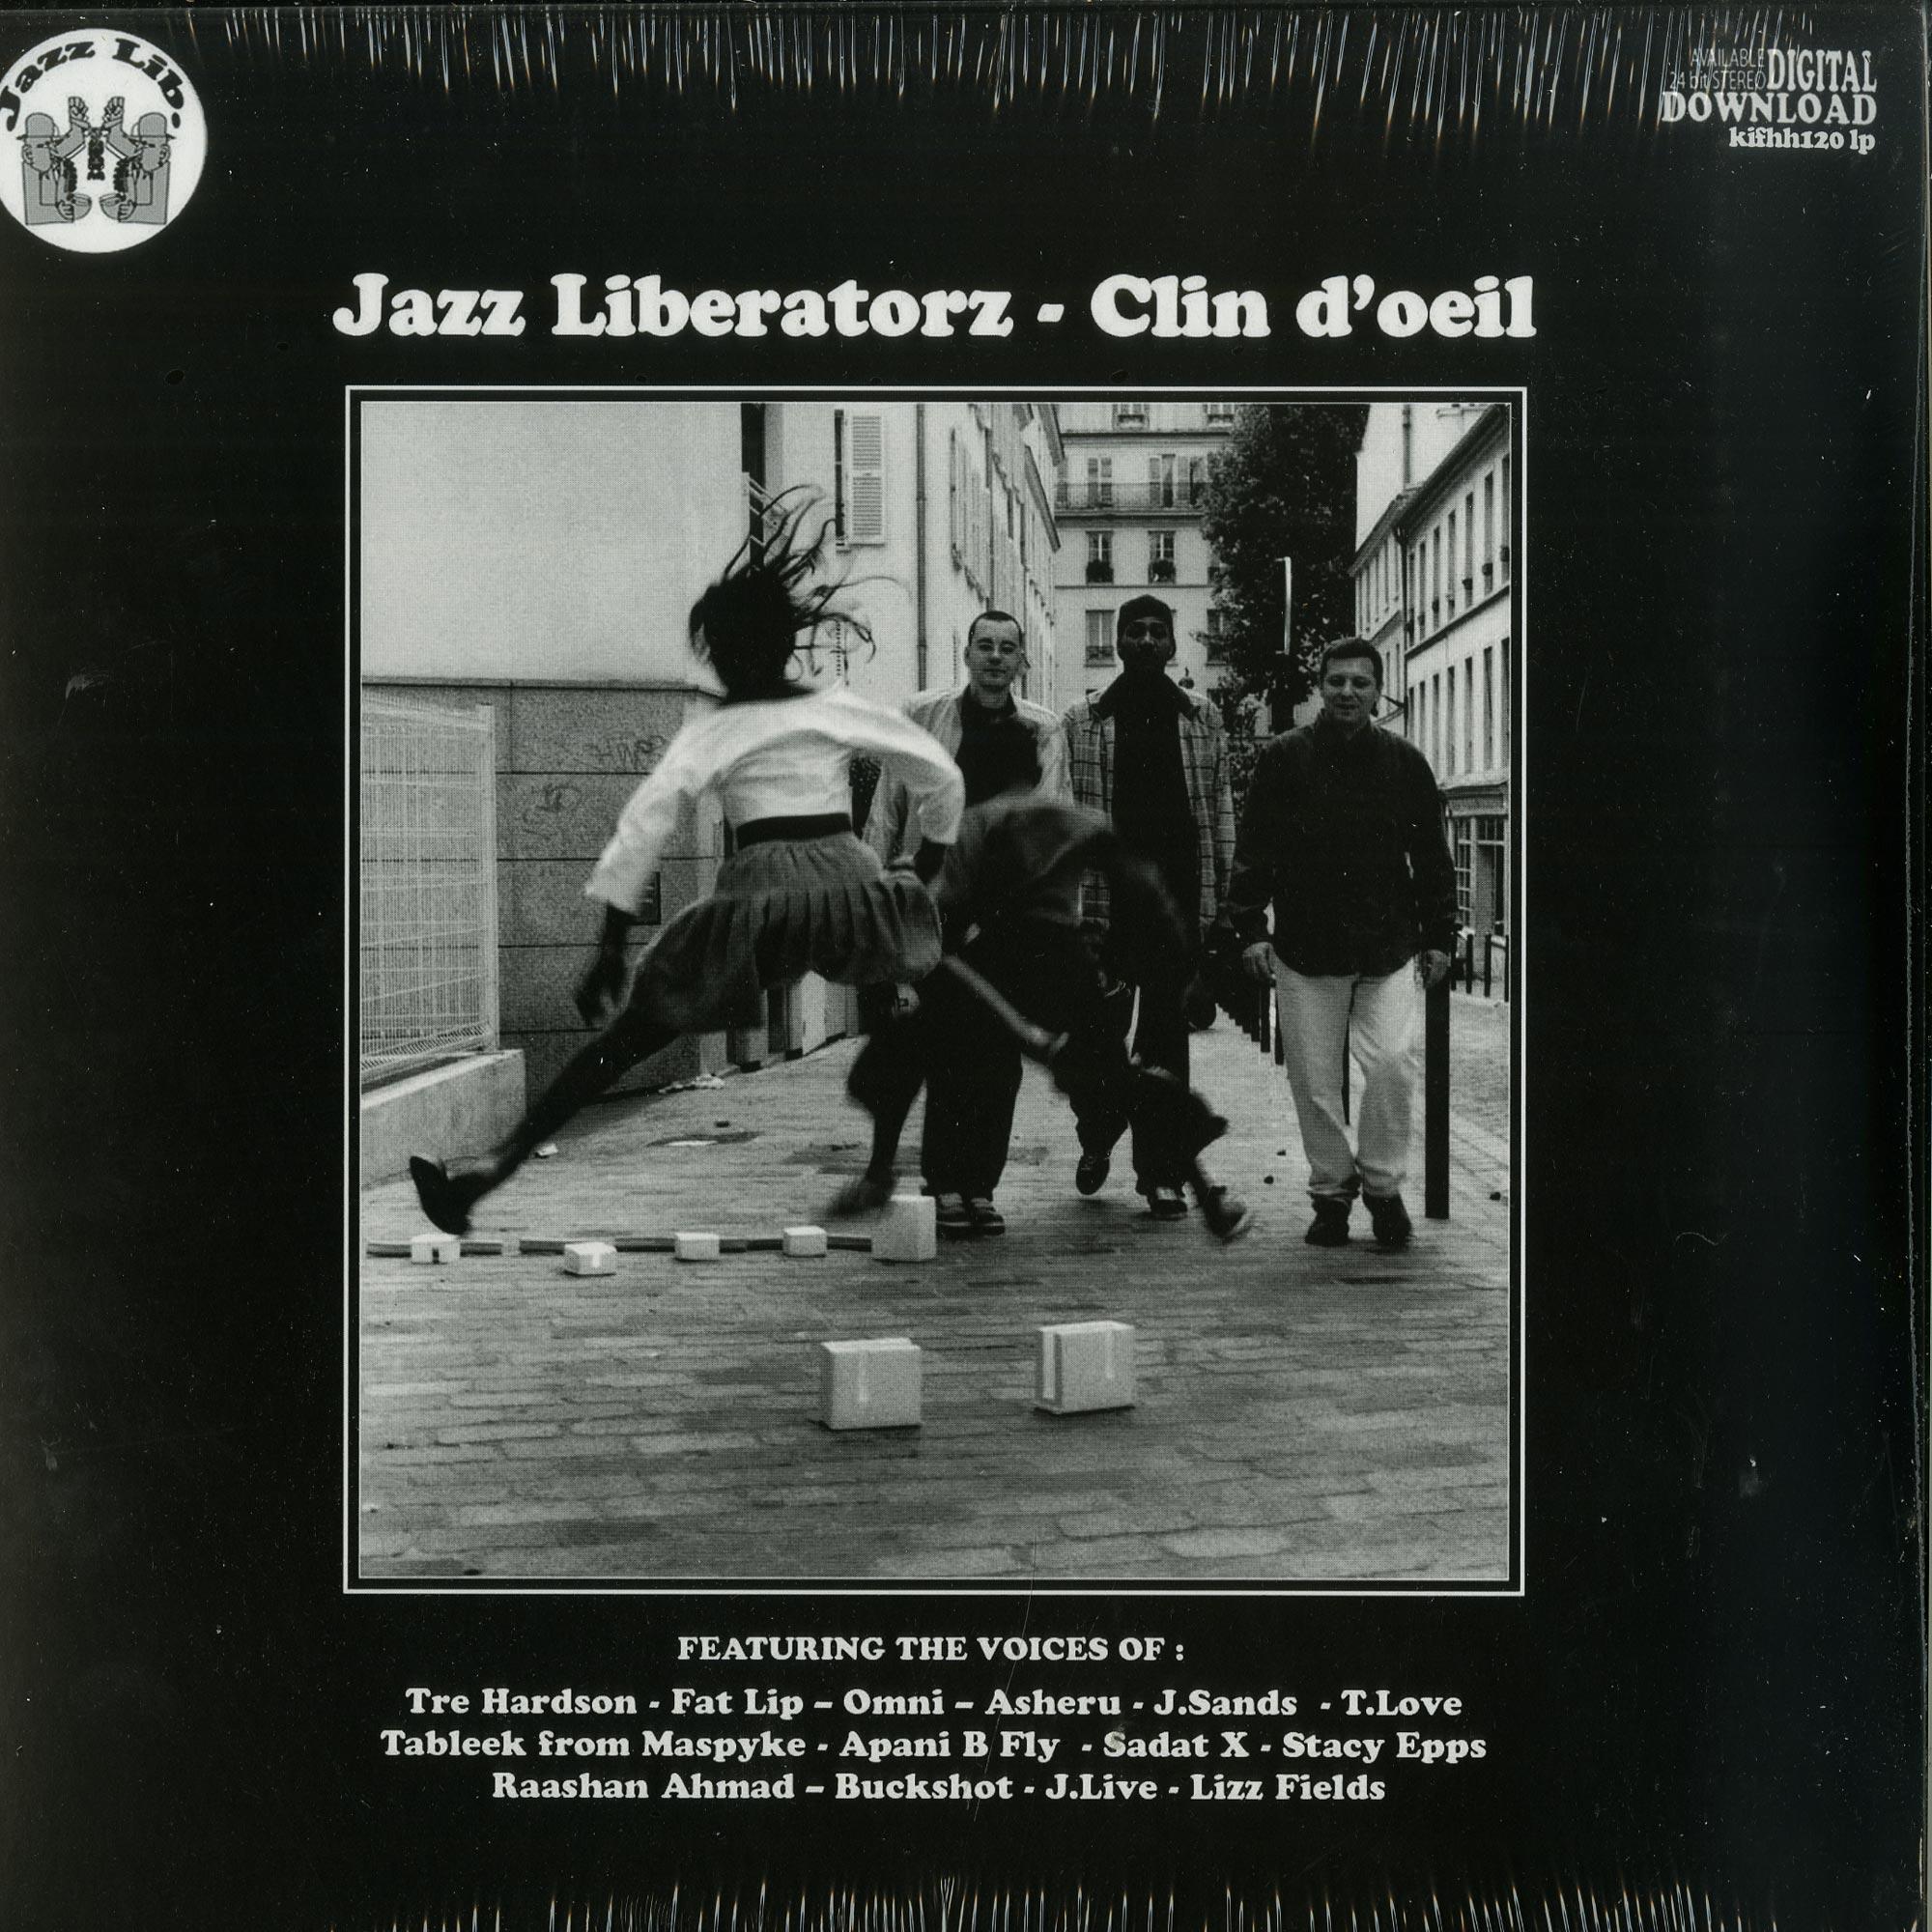 Jazz Liberatorz - CLIN D OEIL